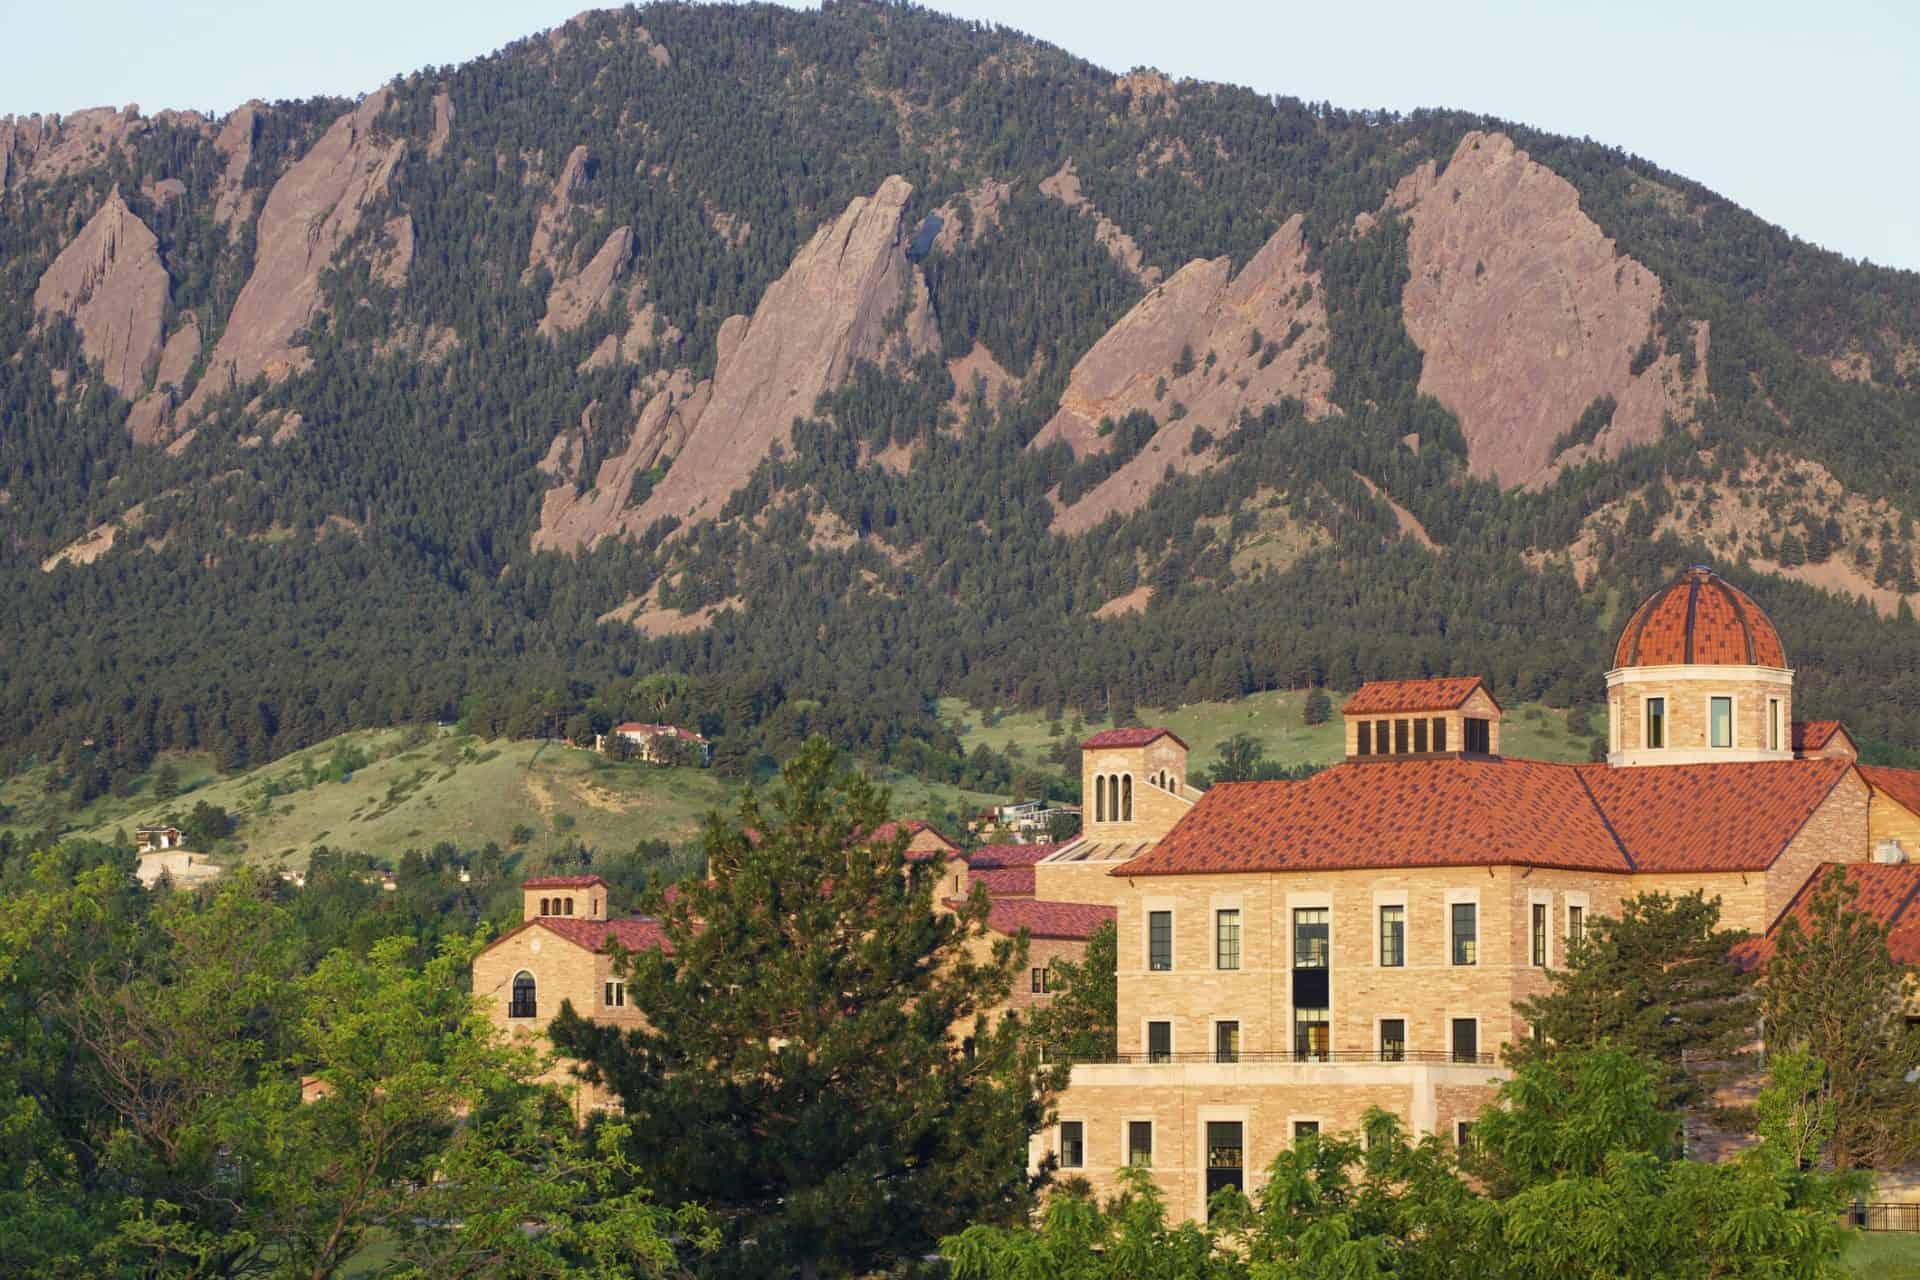 University of Colorado campus in Boulder Colorado